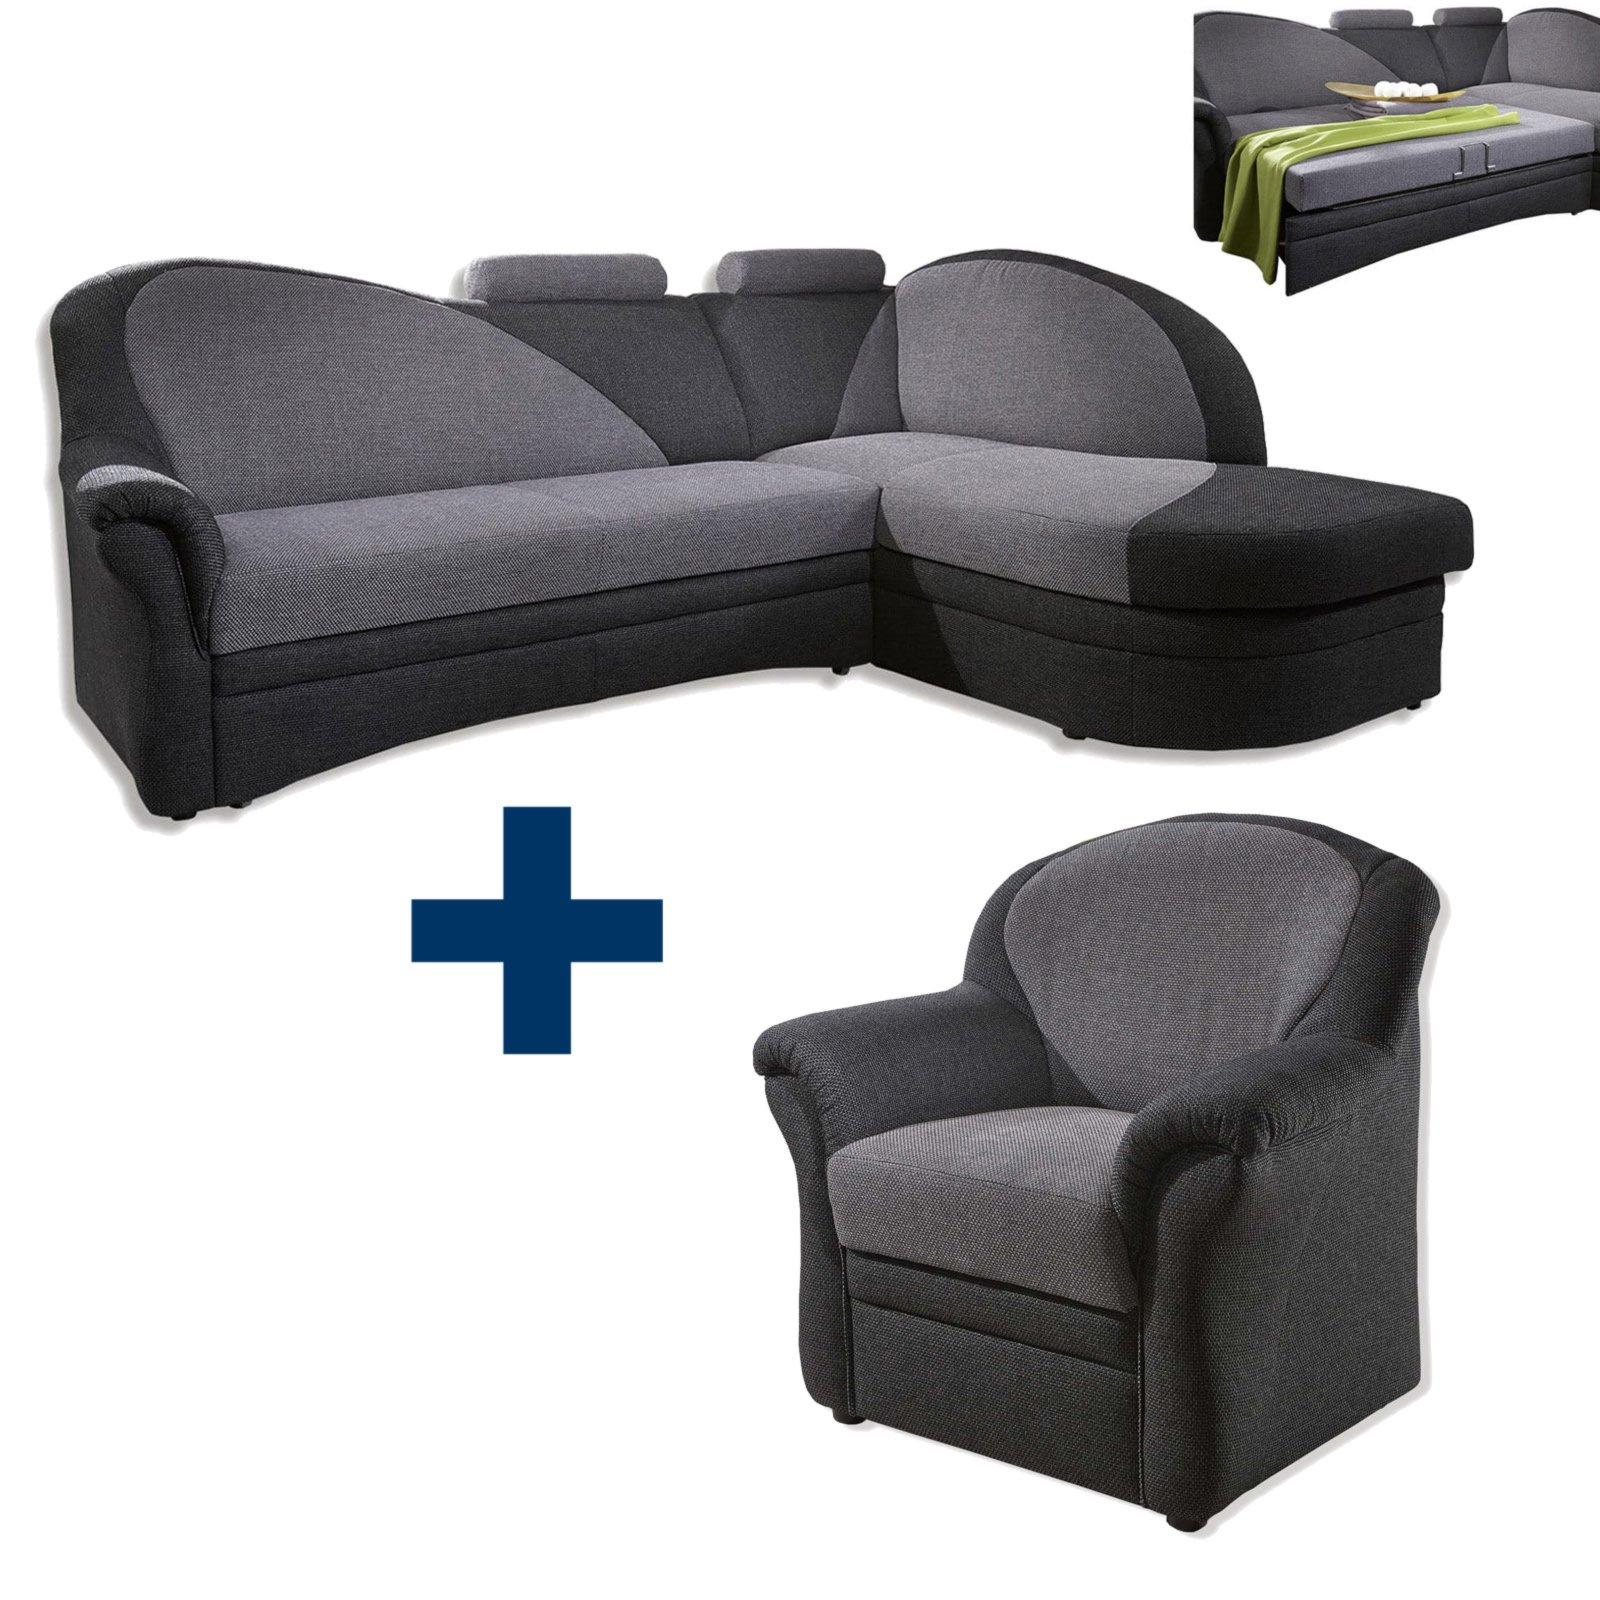 set ecksofa mit sessel alu anthrazit mit funktion. Black Bedroom Furniture Sets. Home Design Ideas